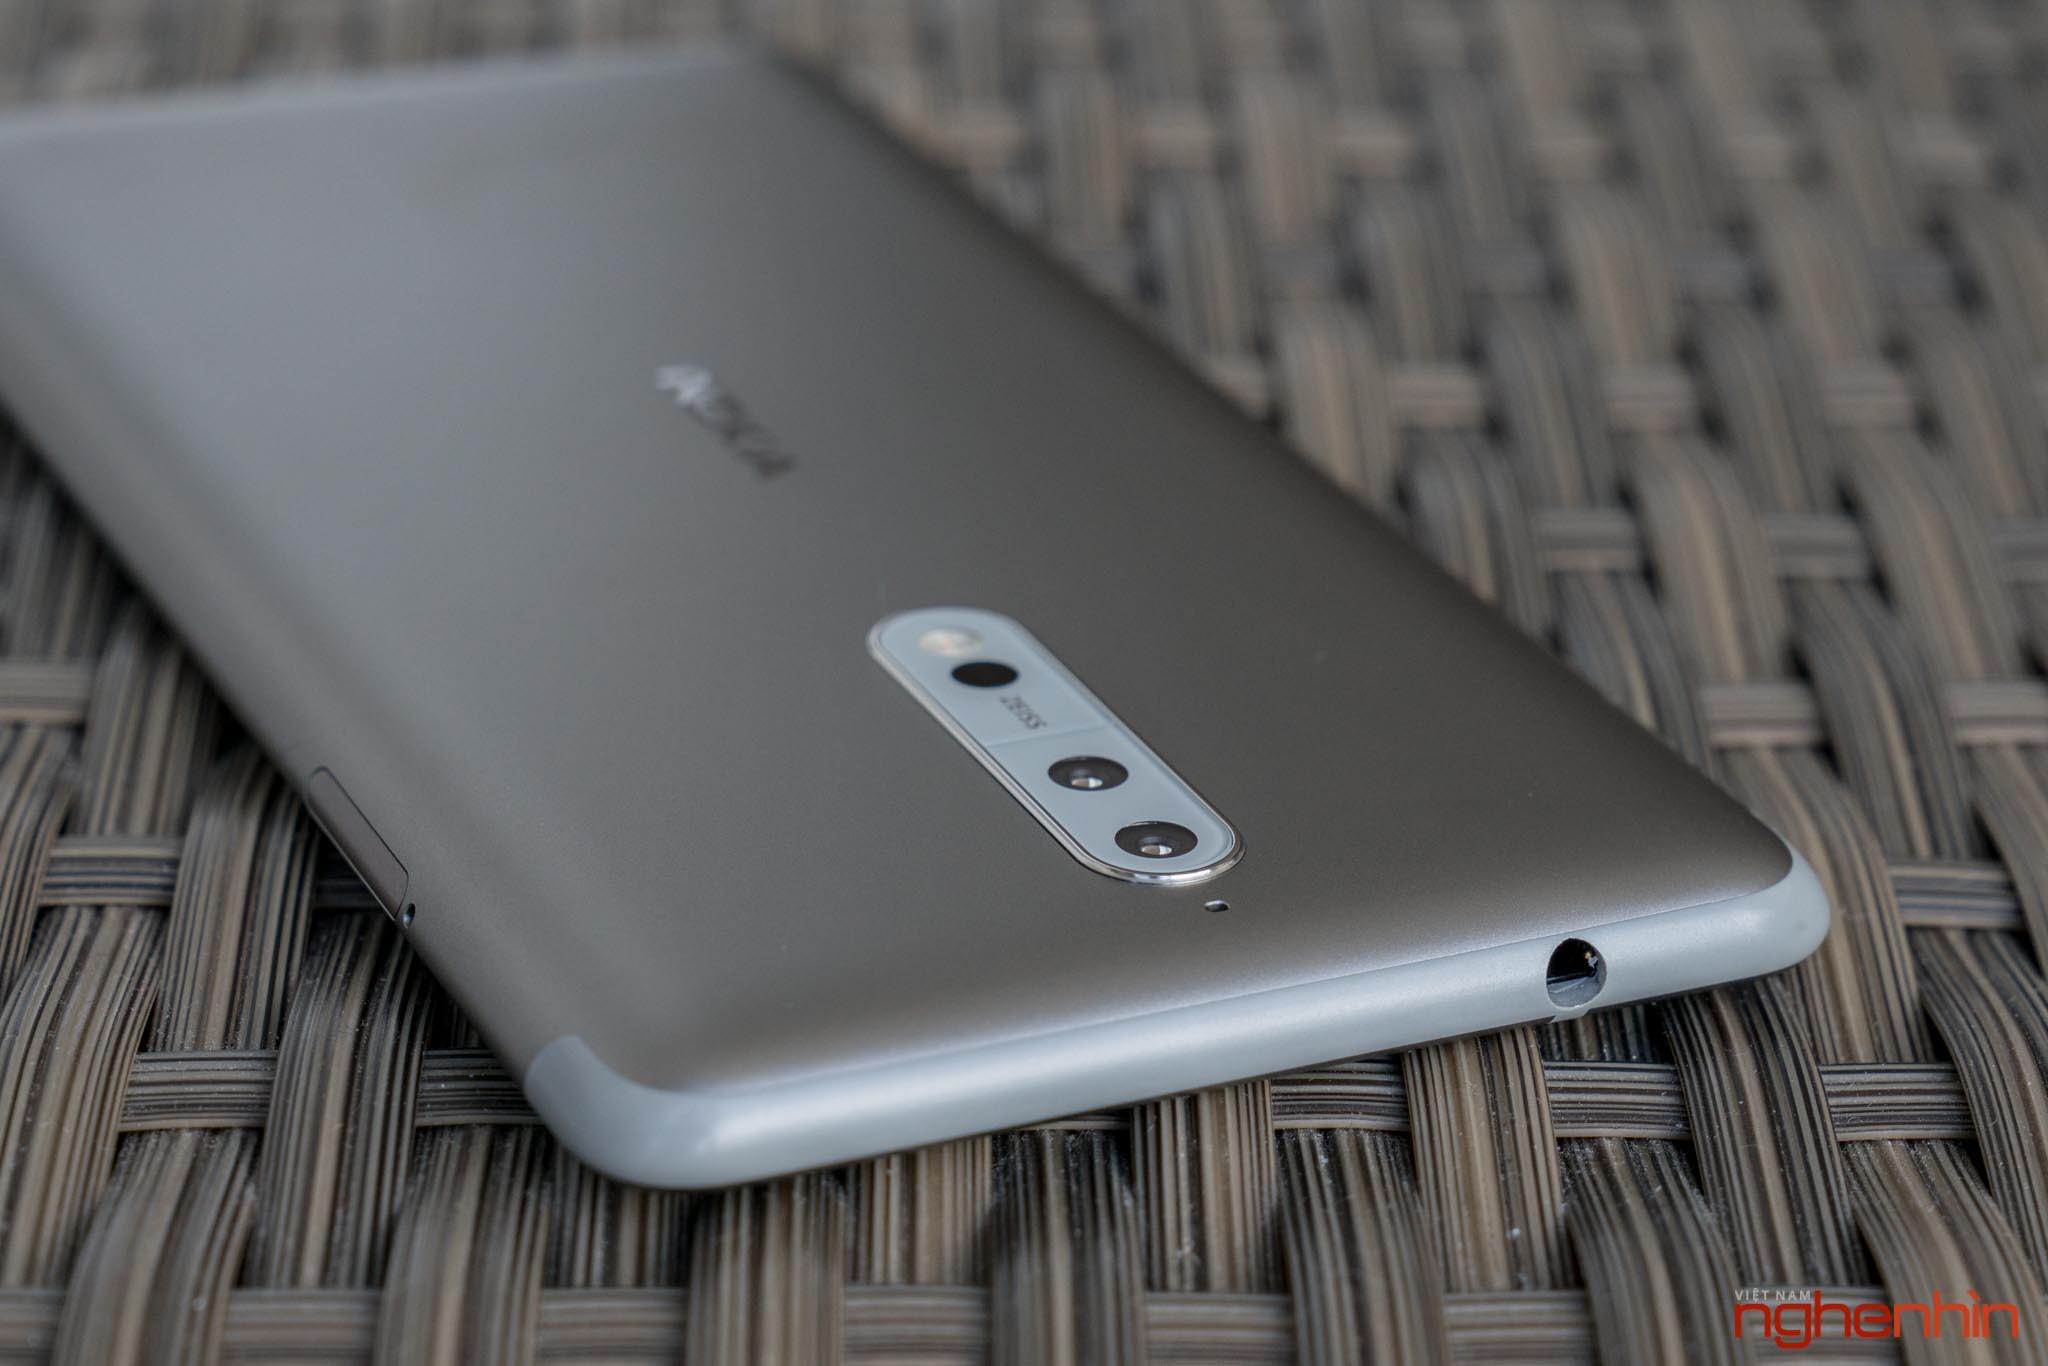 Mở hộp Nokia 8 chính hãng: hoàn thiện cao cấp, camera kép ống kính Zeiss ảnh 4